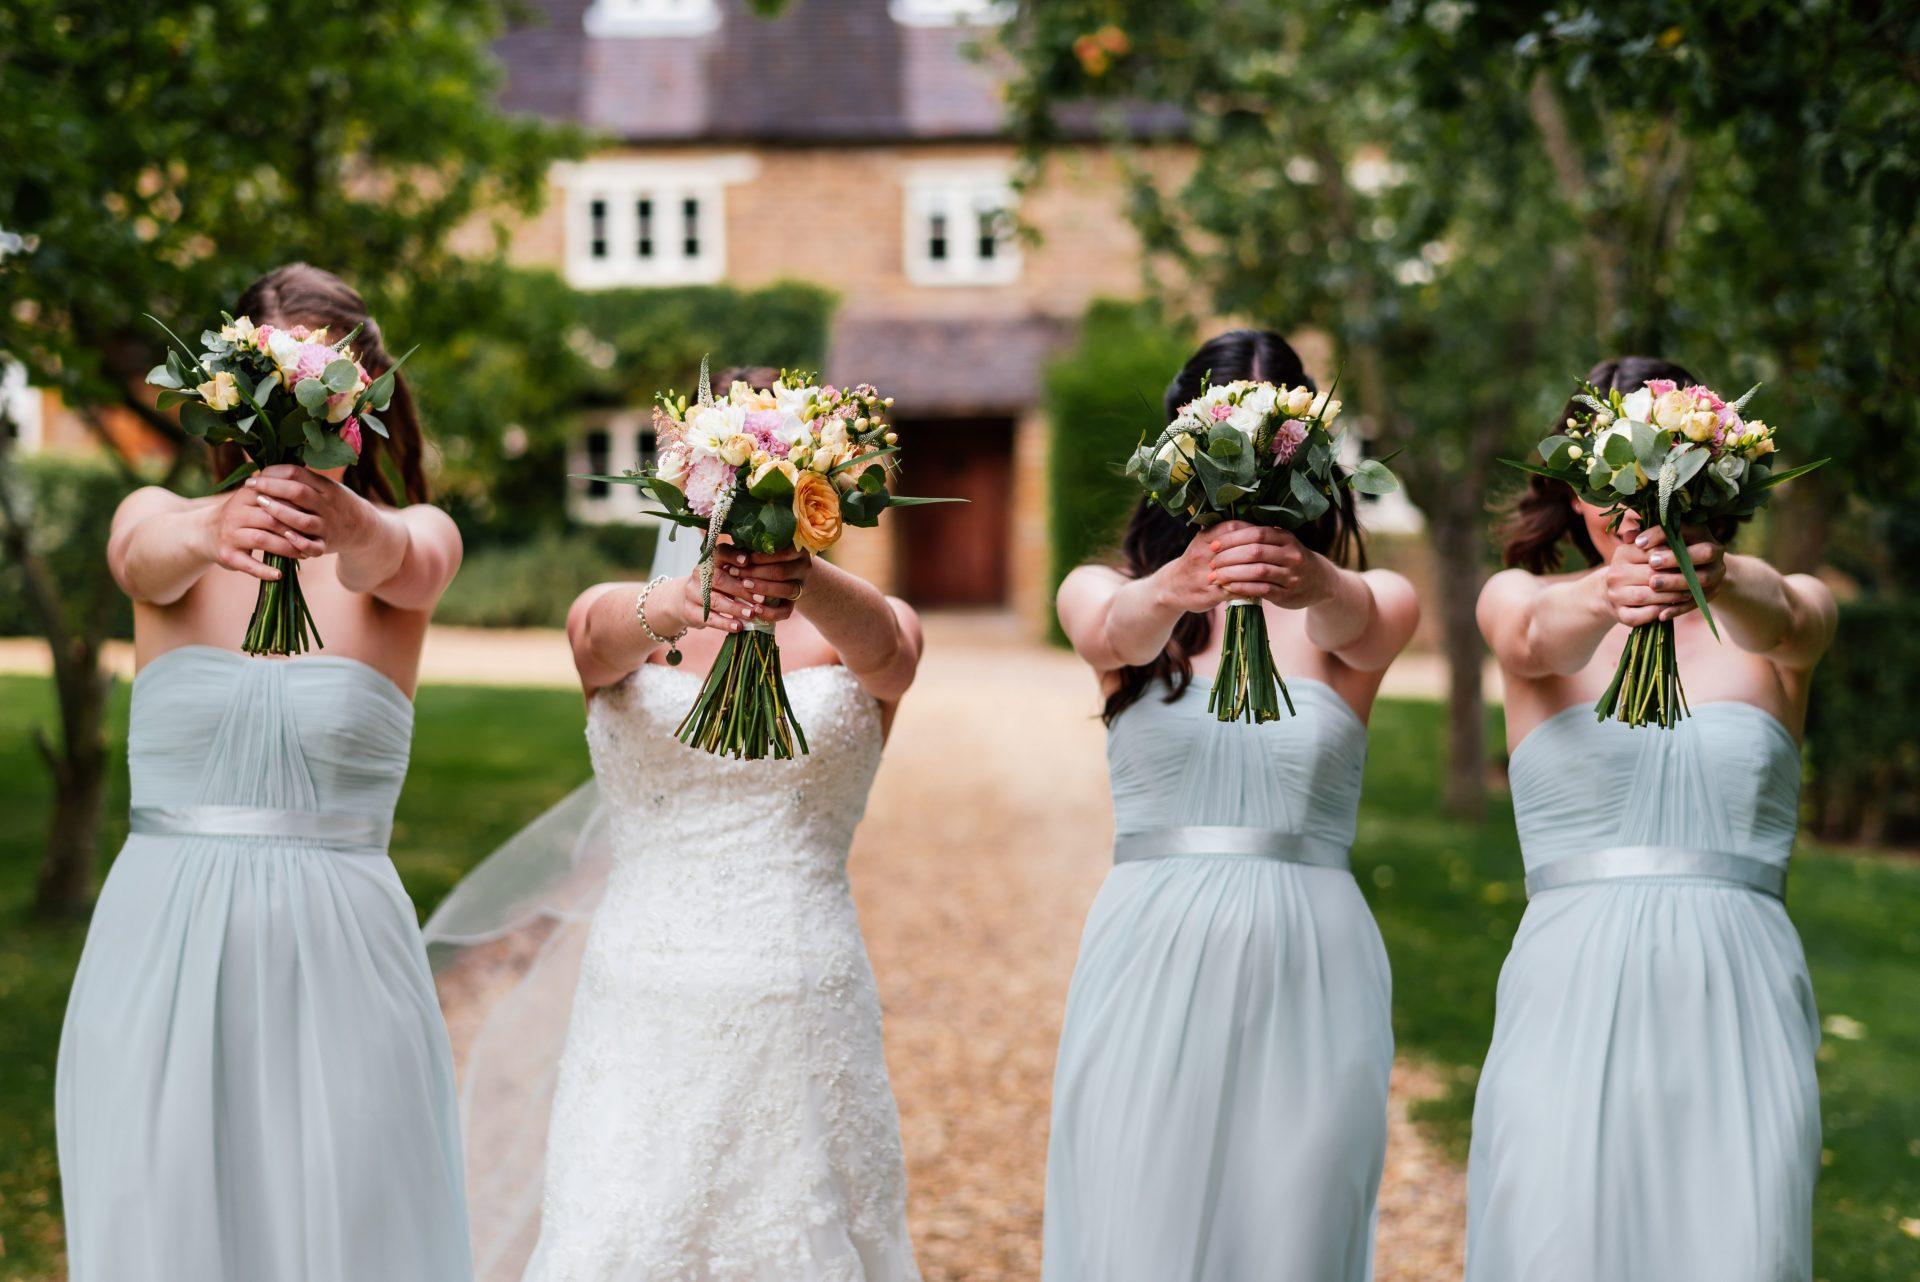 Sarah and Bridesmaids